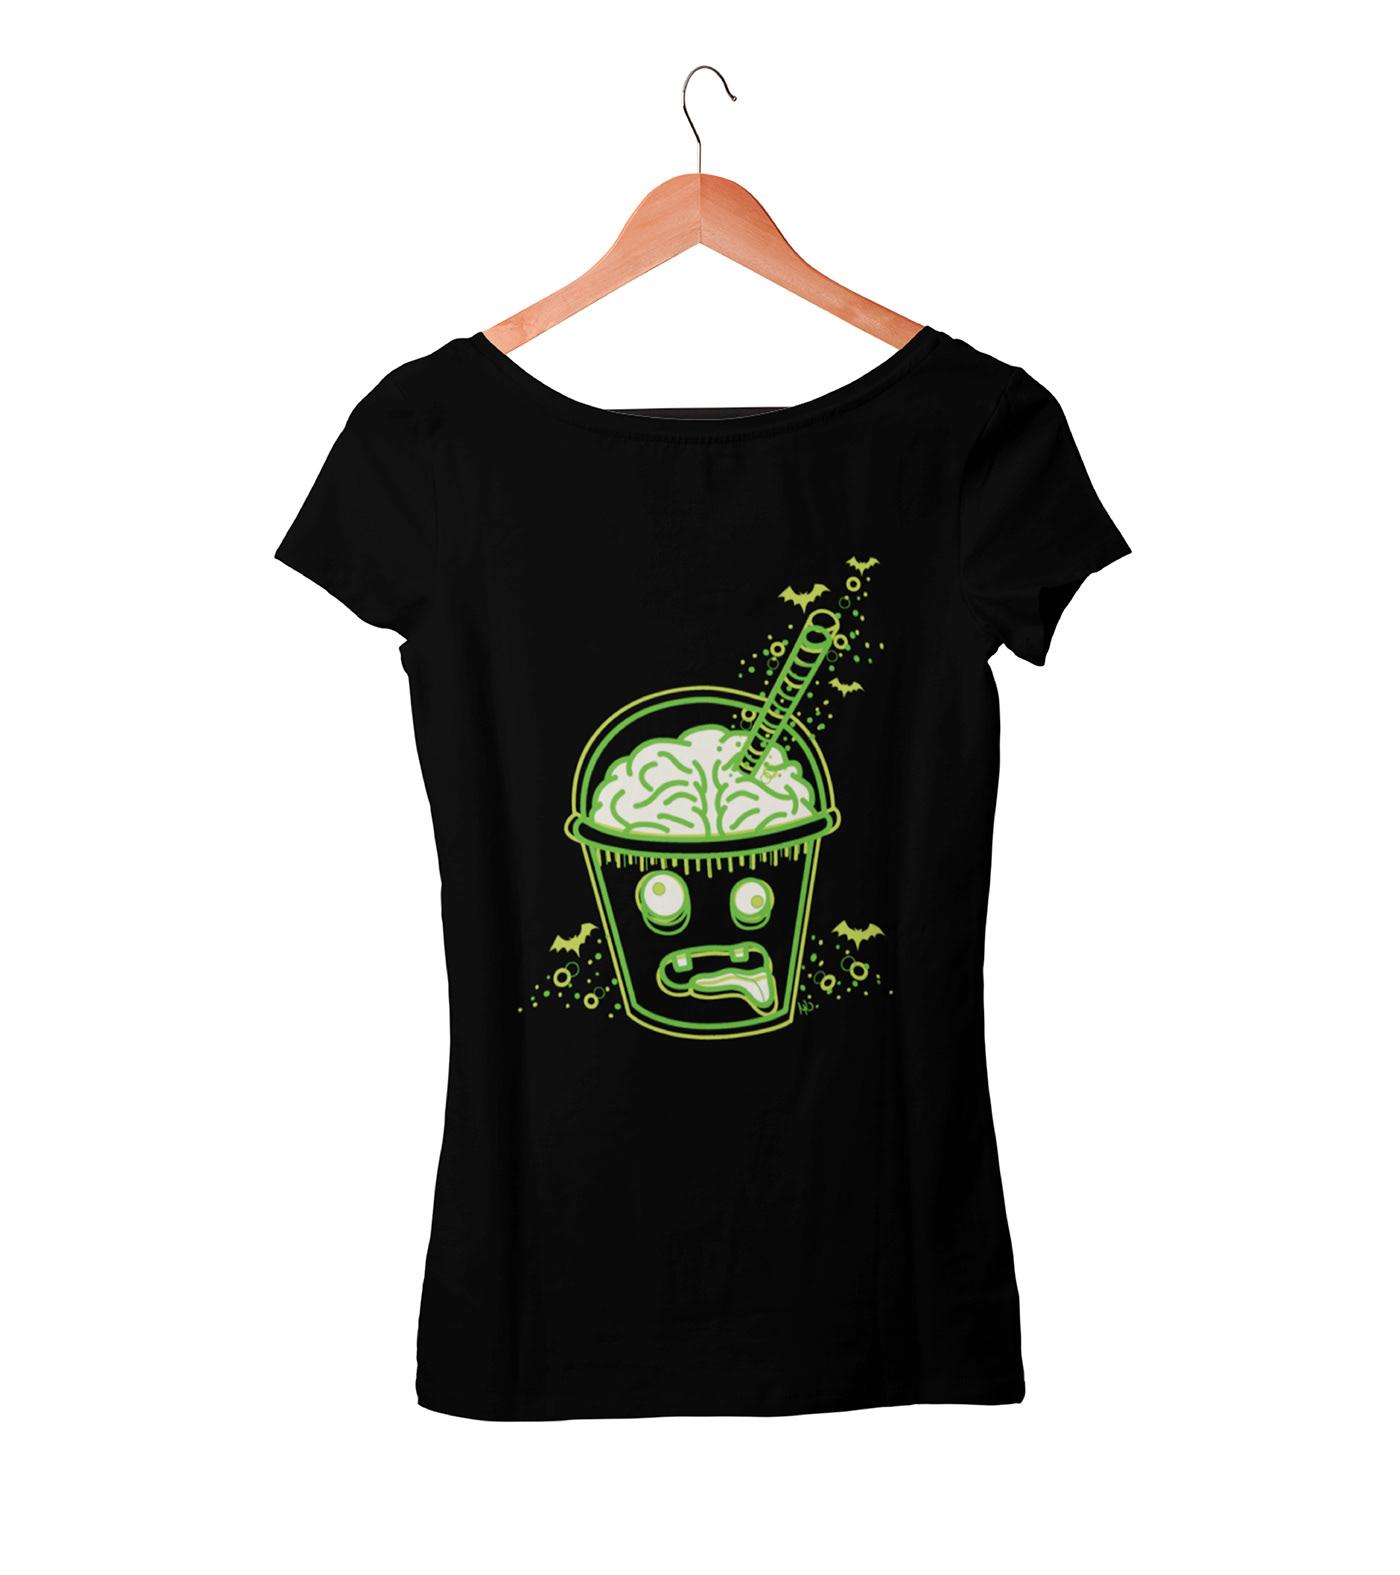 camisetas Diseños Halloween horror ilustracion zombie Digital Art  ilustración digital moda psychobilly meeting